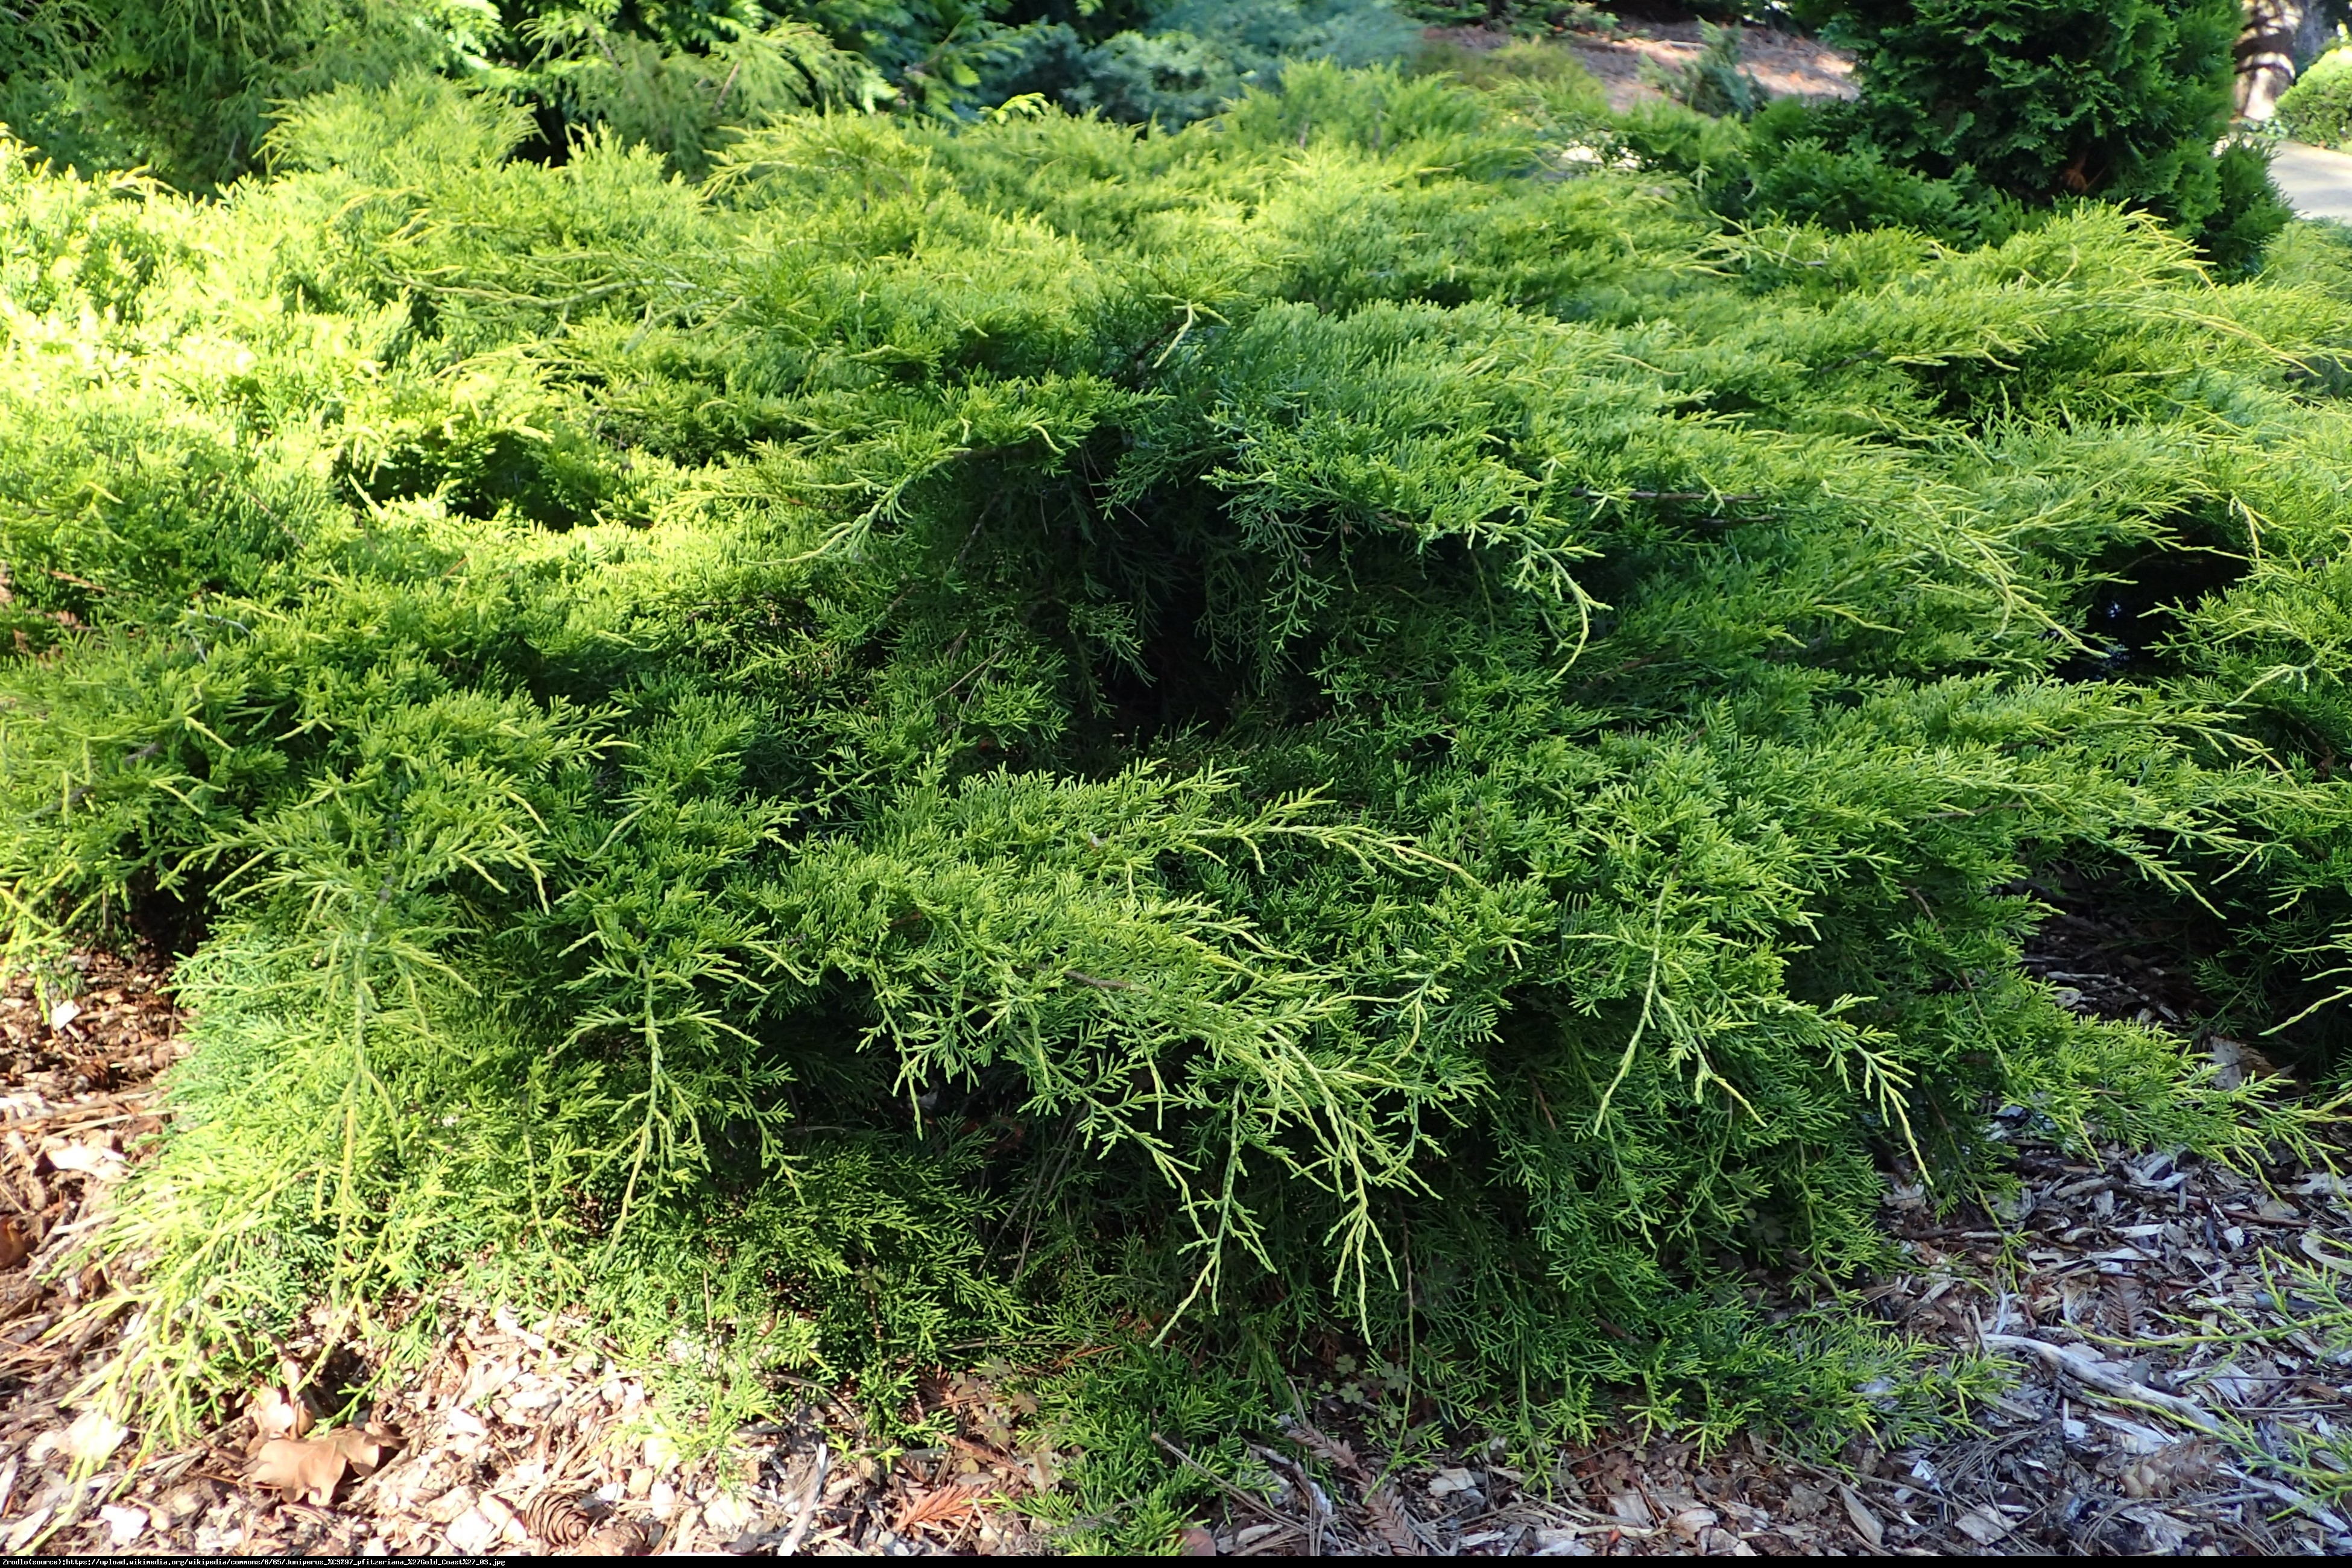 jałowiec Pfitzera  Gold Coast  - Juniperus pfitzeriana  Gold Coast